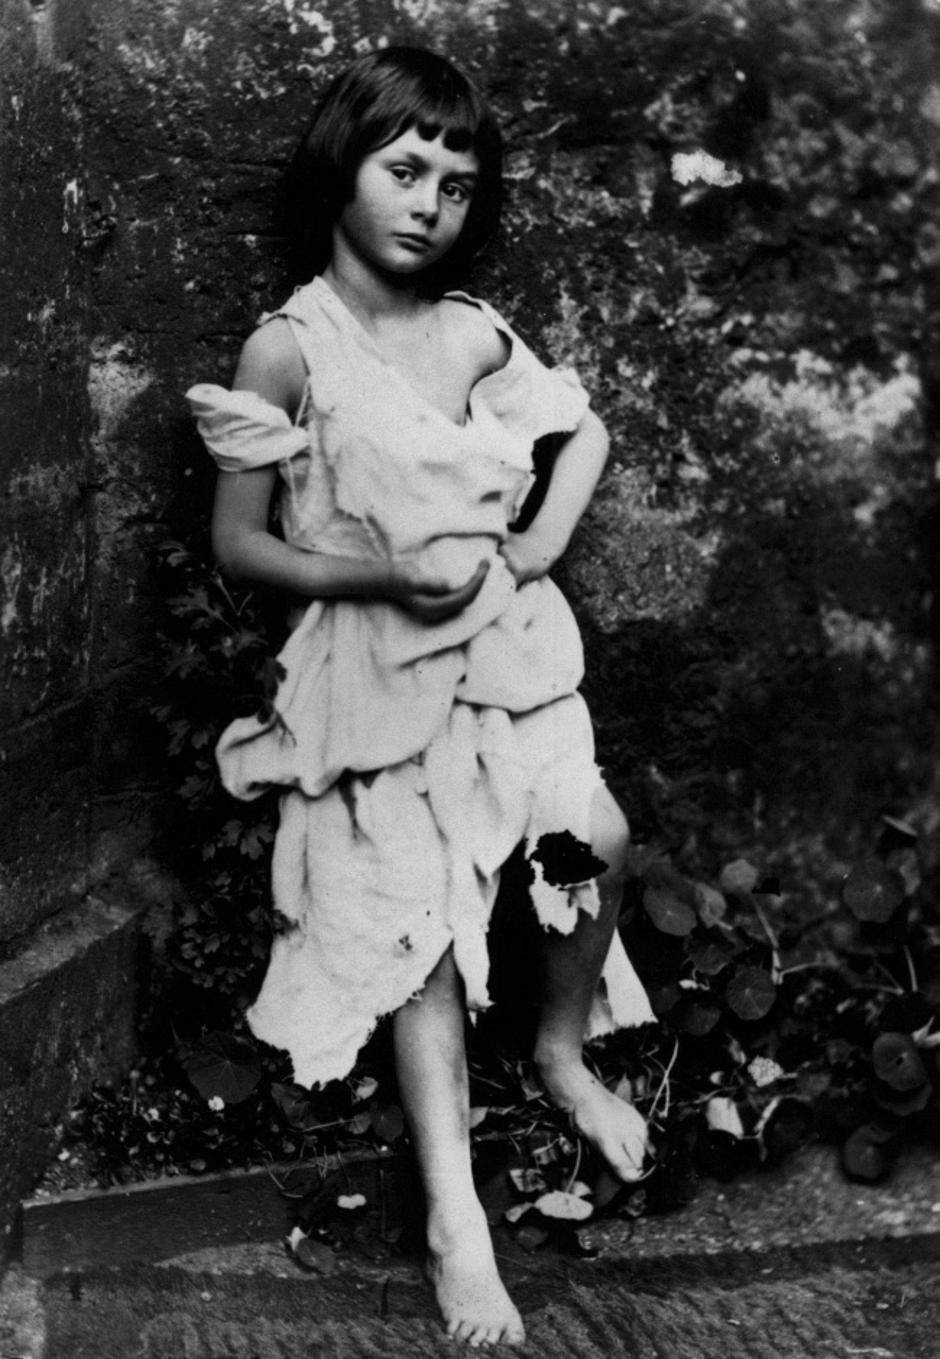 Rijetke fotografije iz prošlosto | Author: odaaniepce